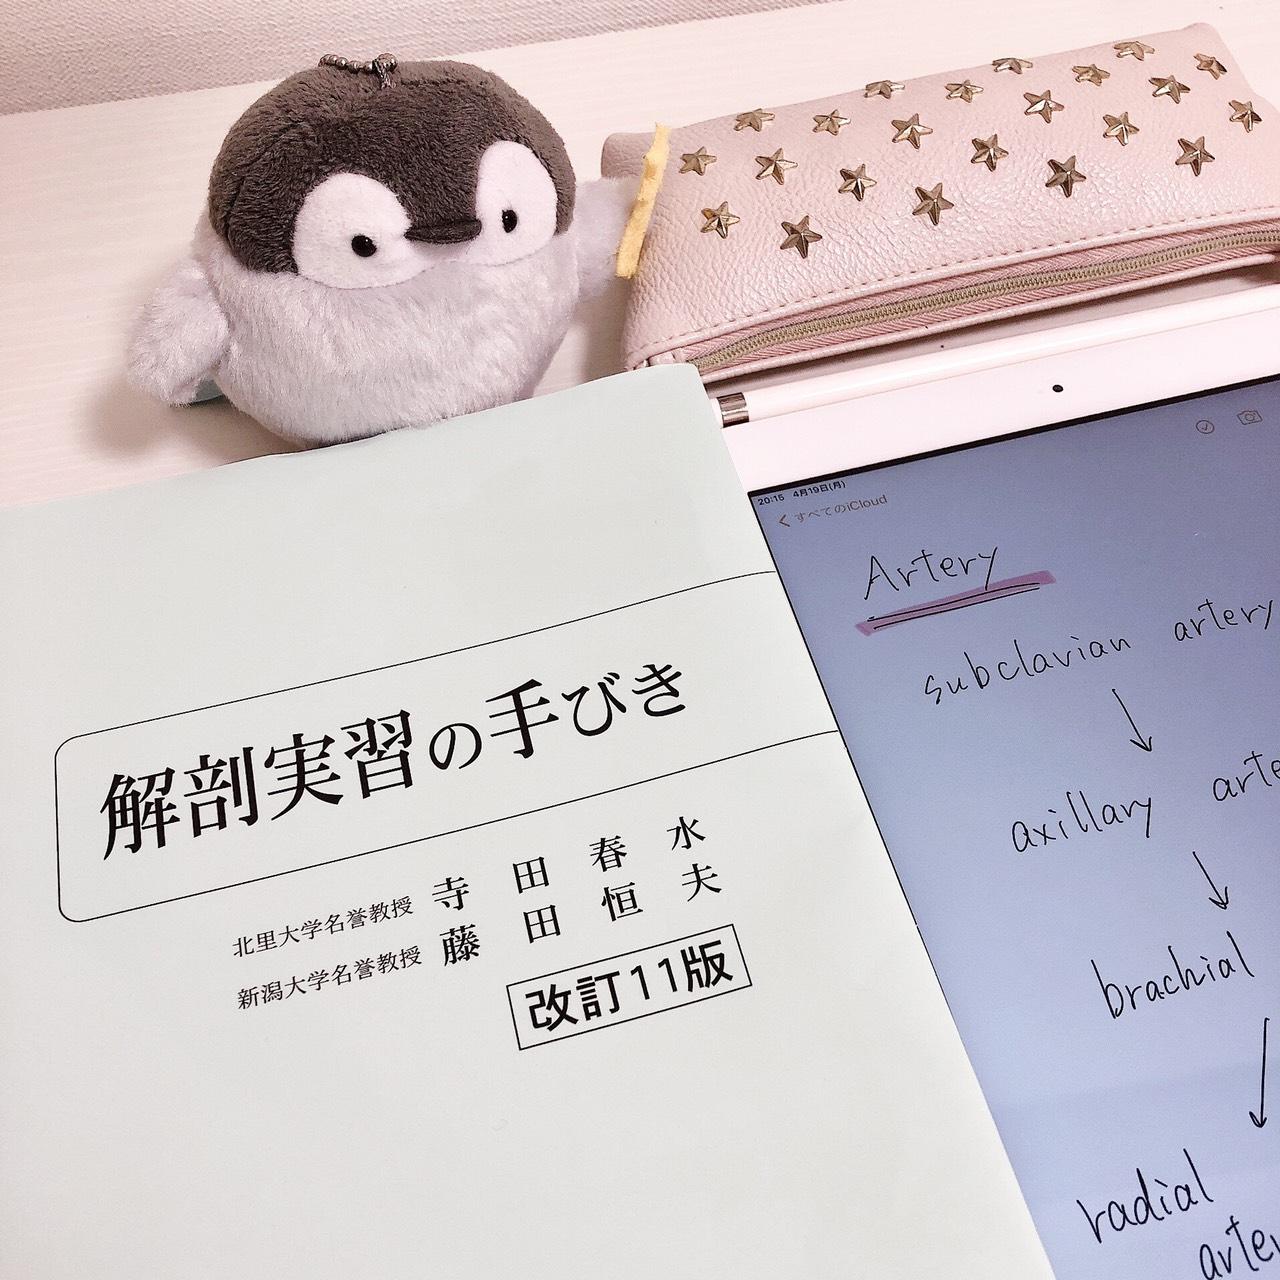 【オンライン家庭教師】~服部先生の大学紹介~東京大学 医学部